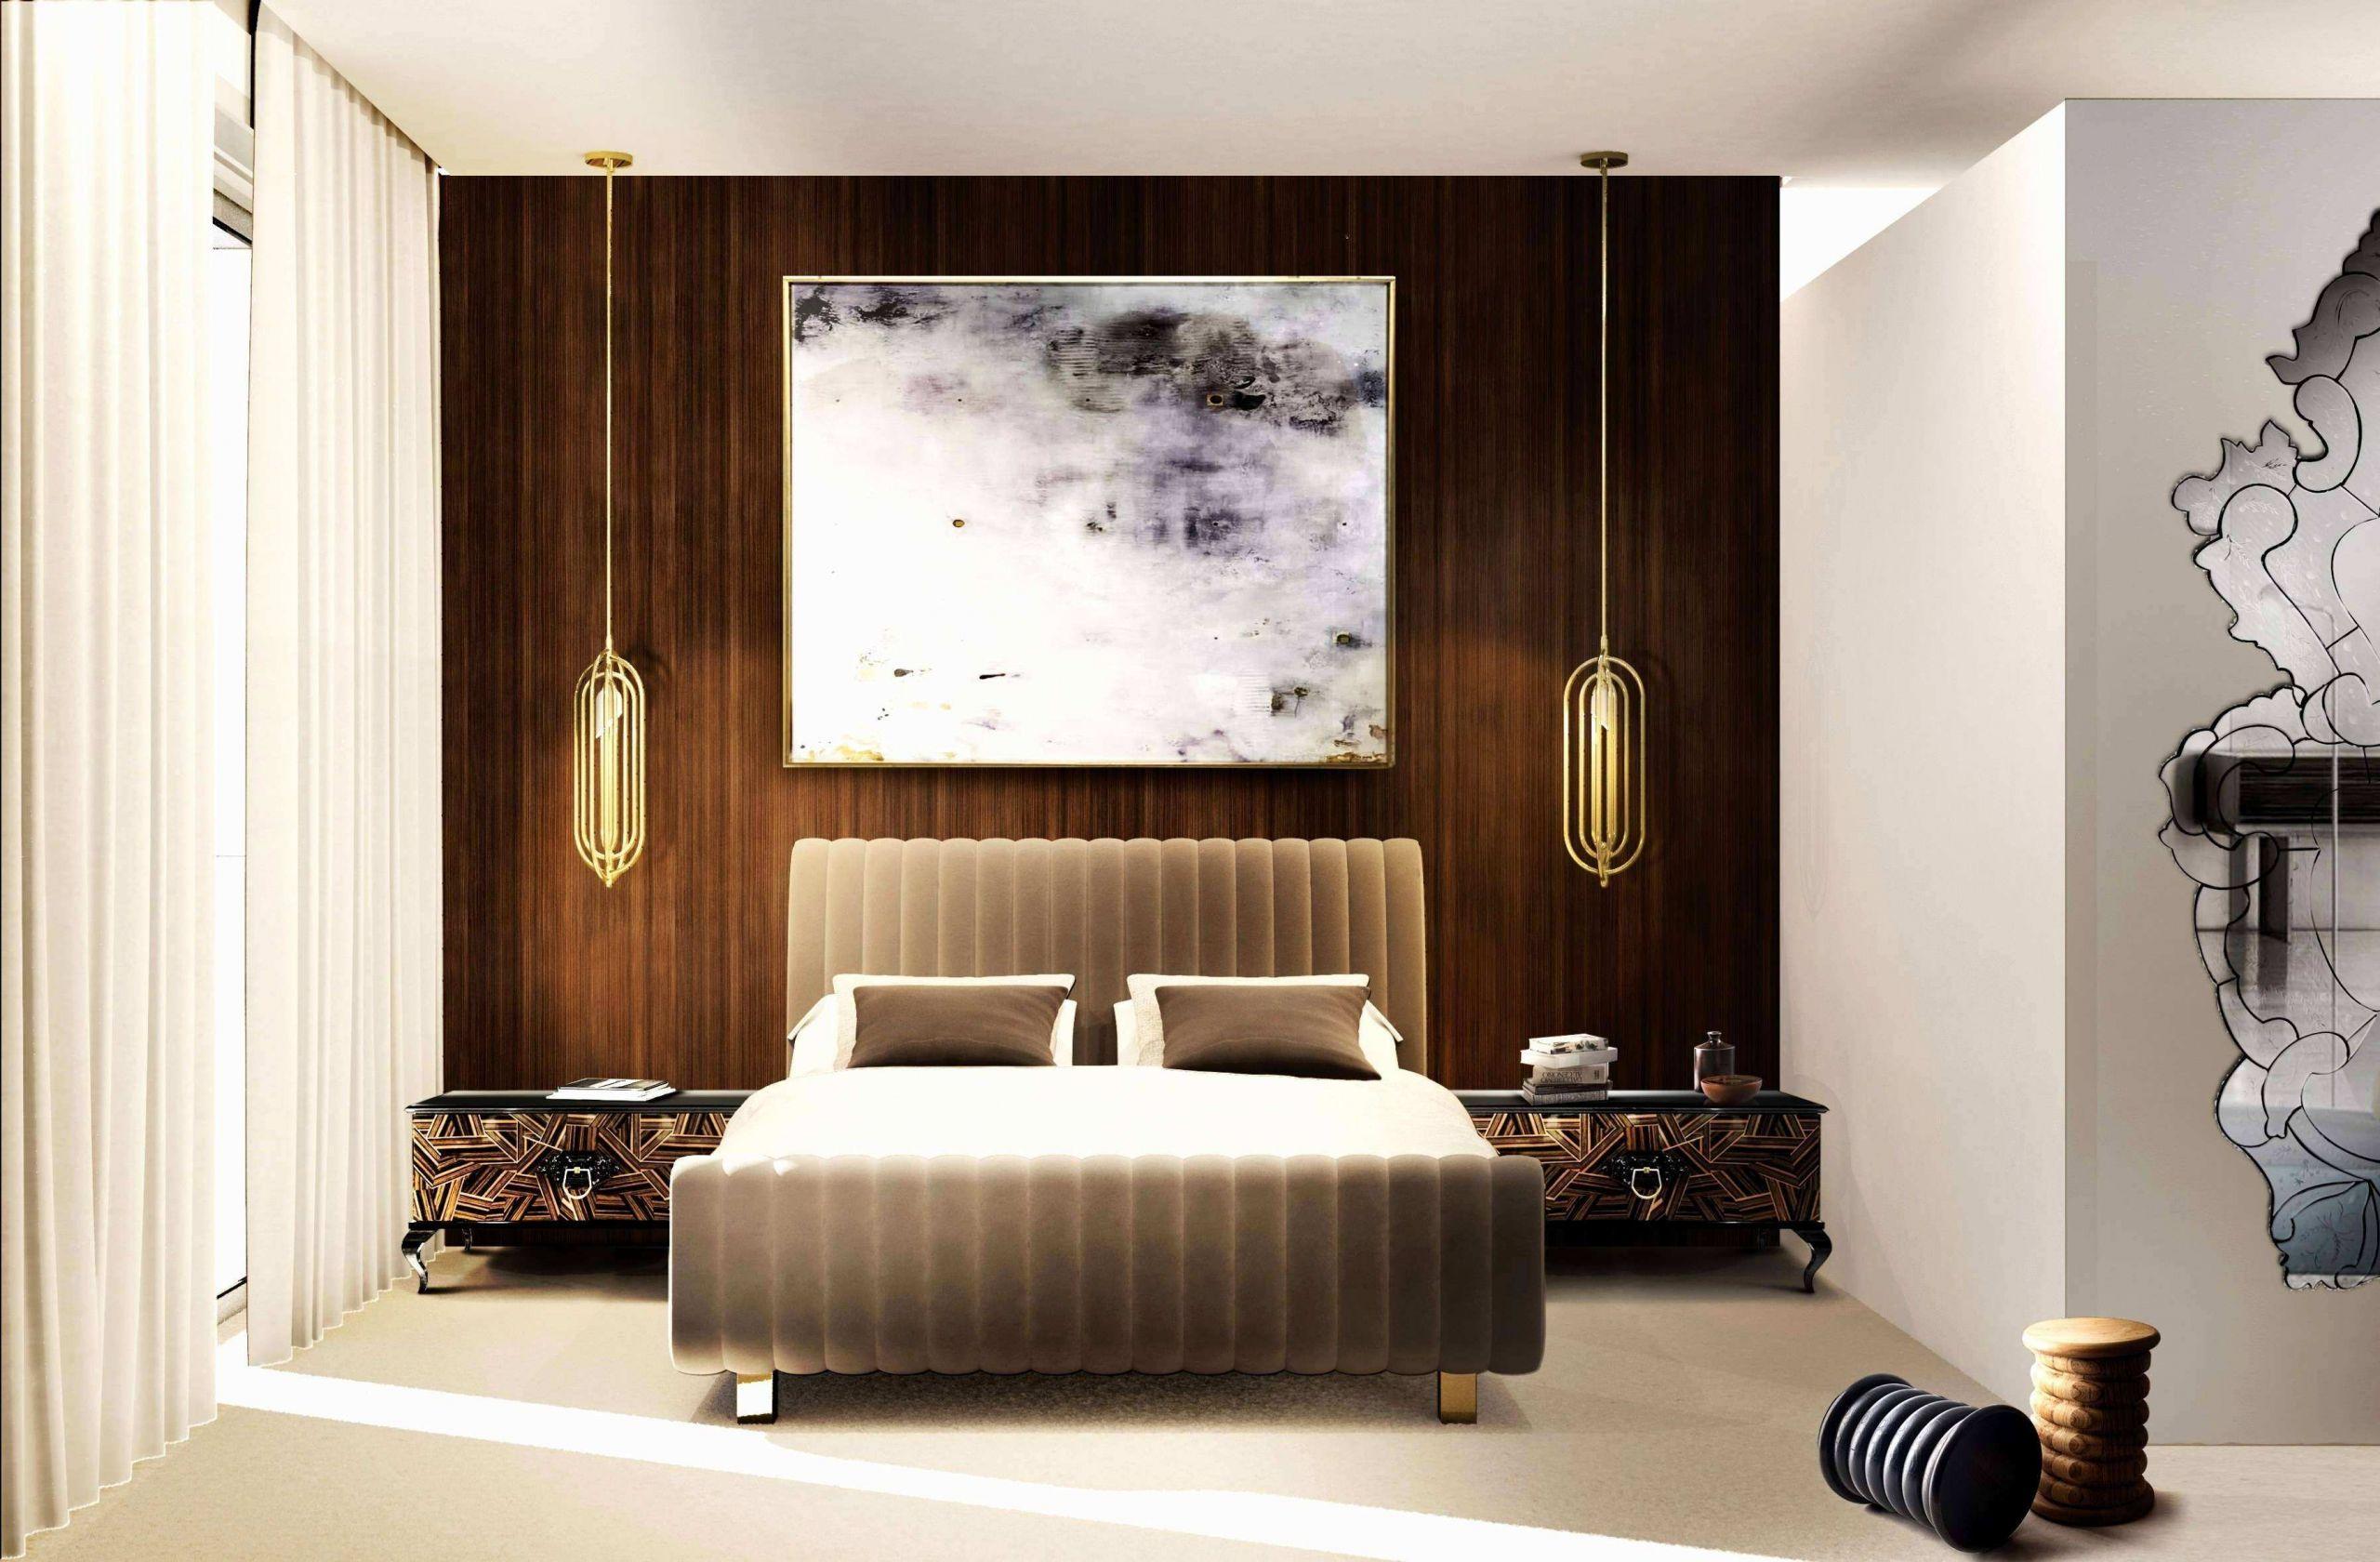 zimmer deko ideen genial wohnzimmer deko senfgelb new 45 frisch zimmer deko ideen of zimmer deko ideen